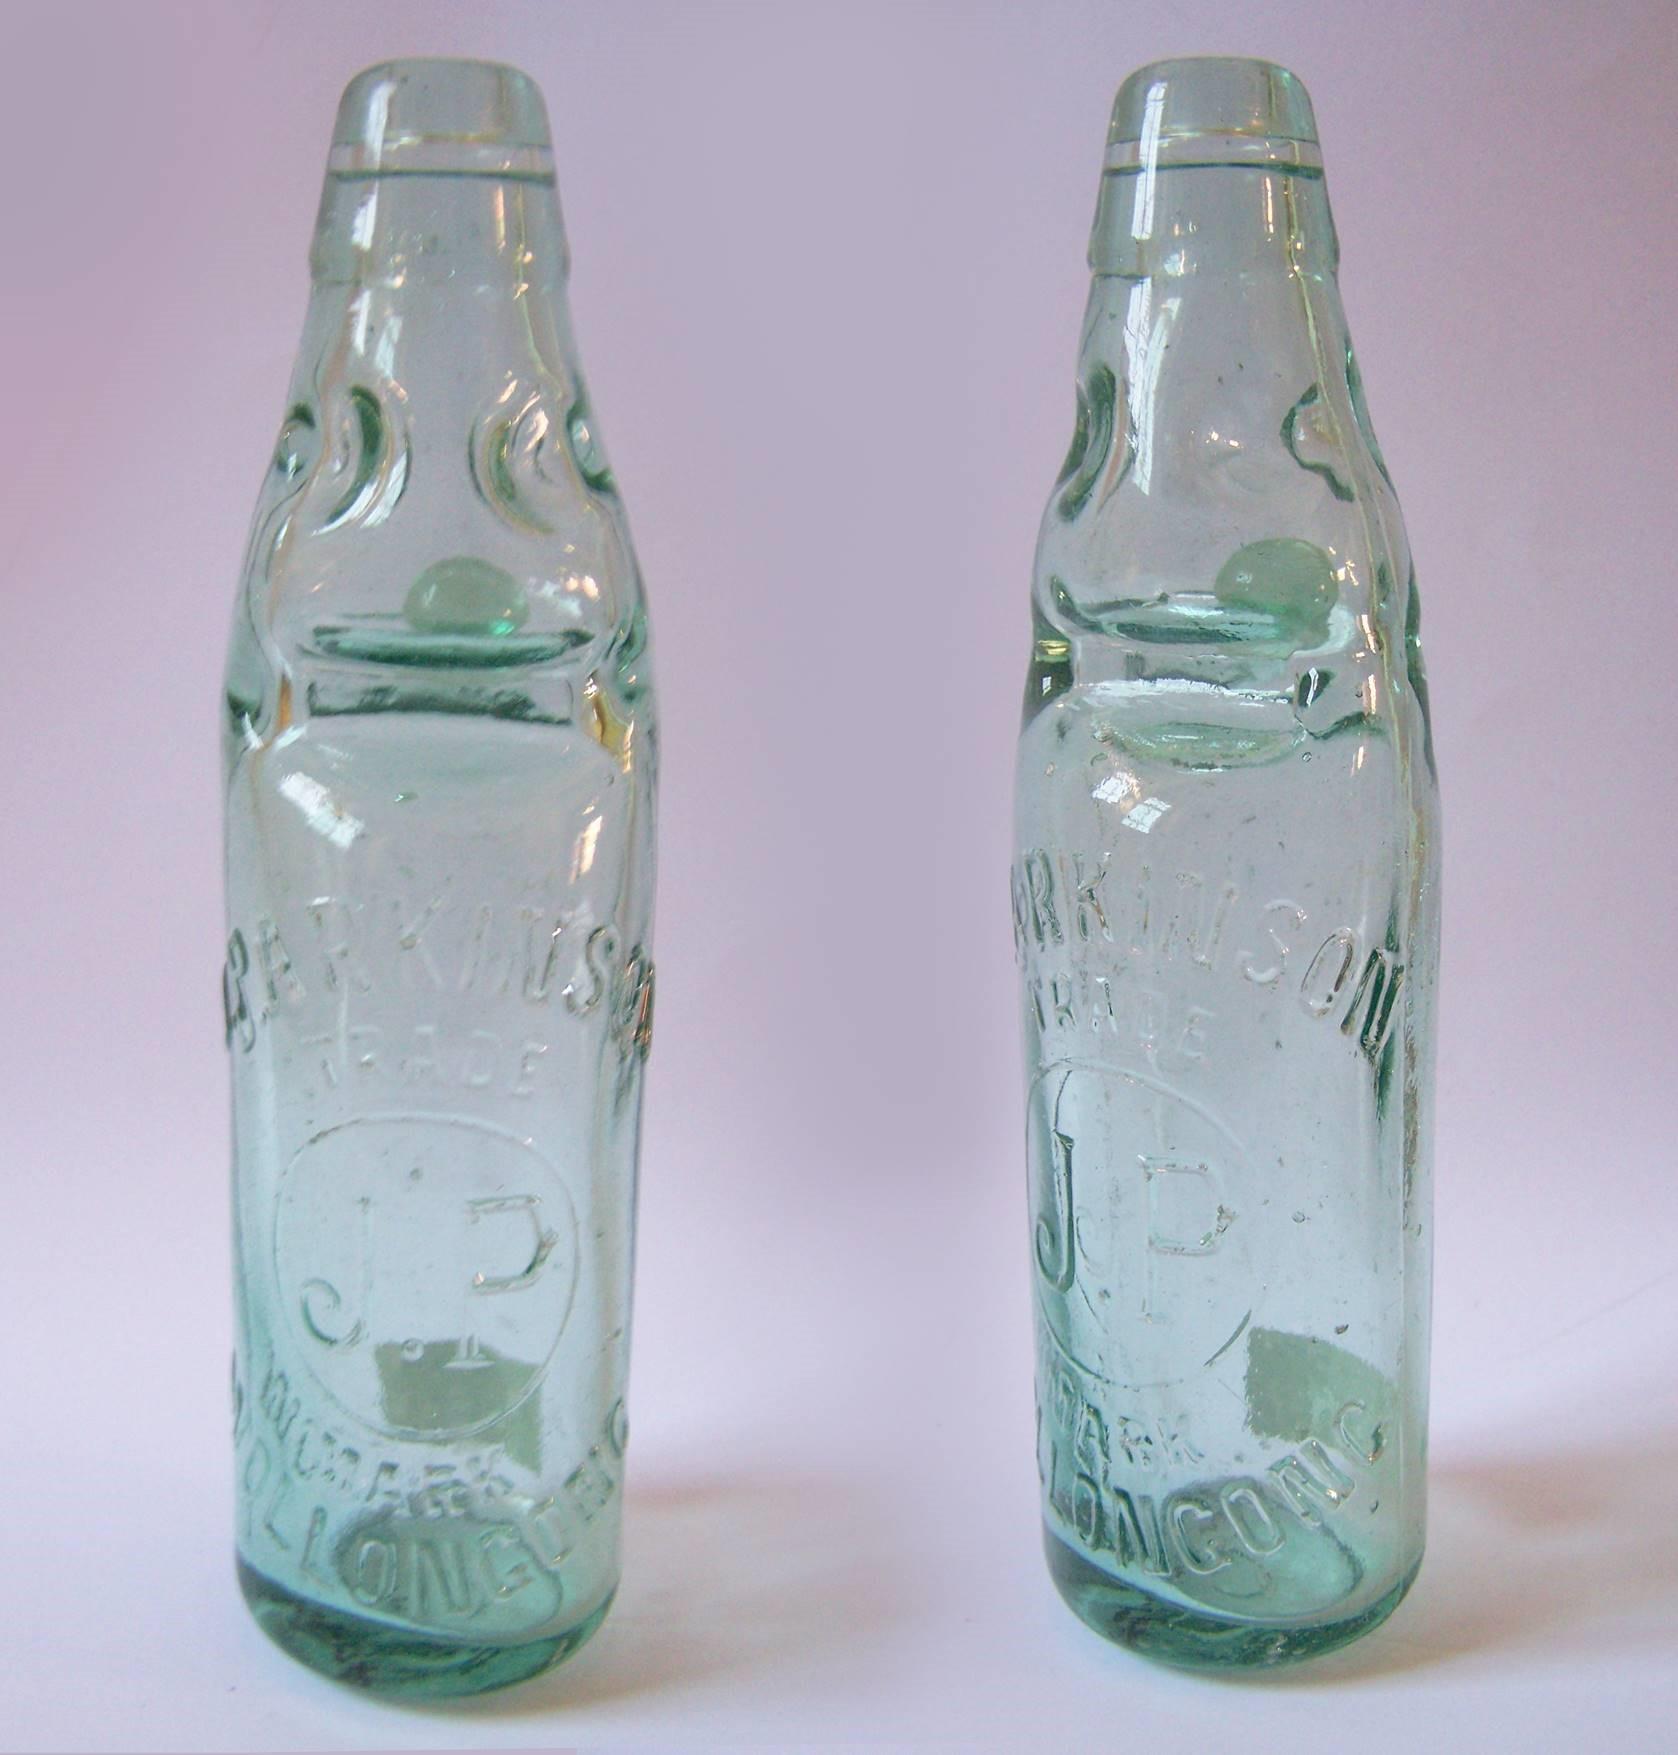 ce - cegs Wgong 101 codd bottle